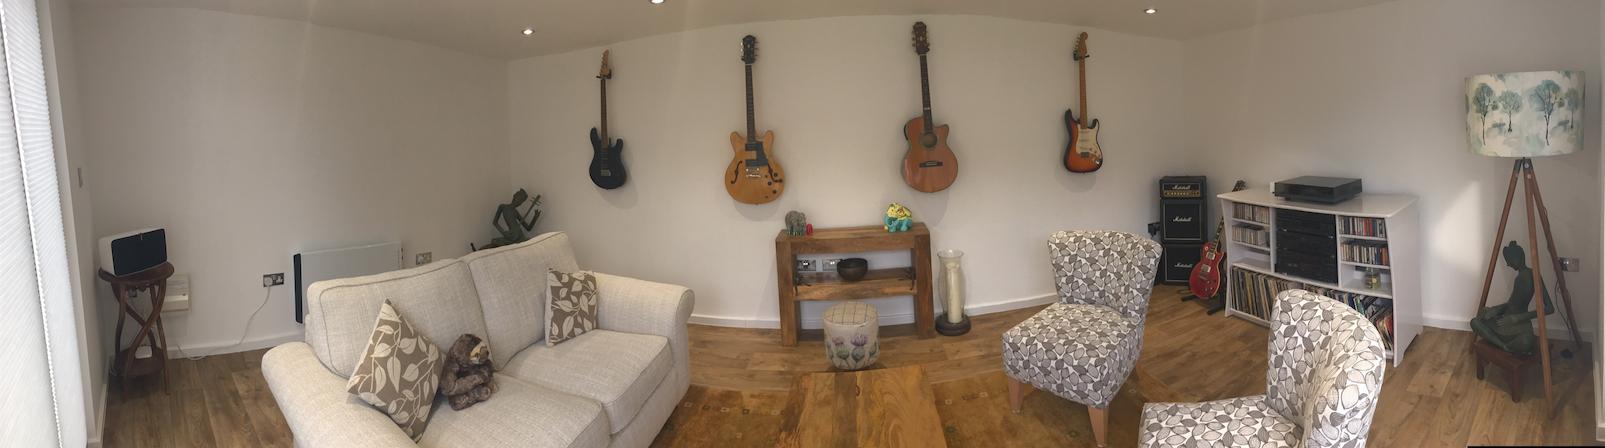 Garden Room for Guitar Studio in Warrington,nr Chester, Cheshire